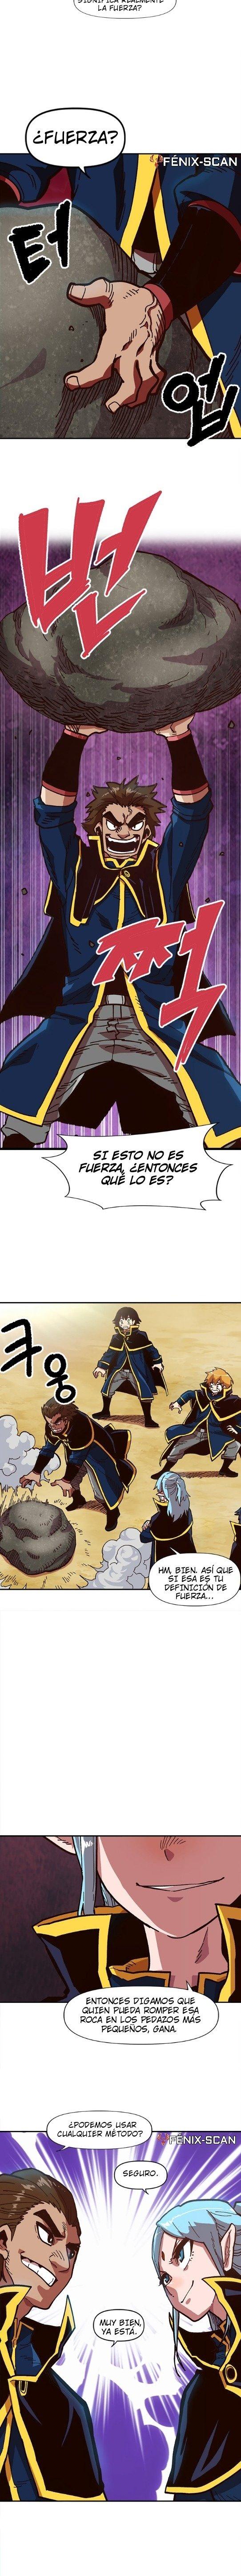 https://nine.mangadogs.com/es_manga/pic8/15/35919/948231/4b44191ea95646b9dde2597aff0801fd.jpg Page 13